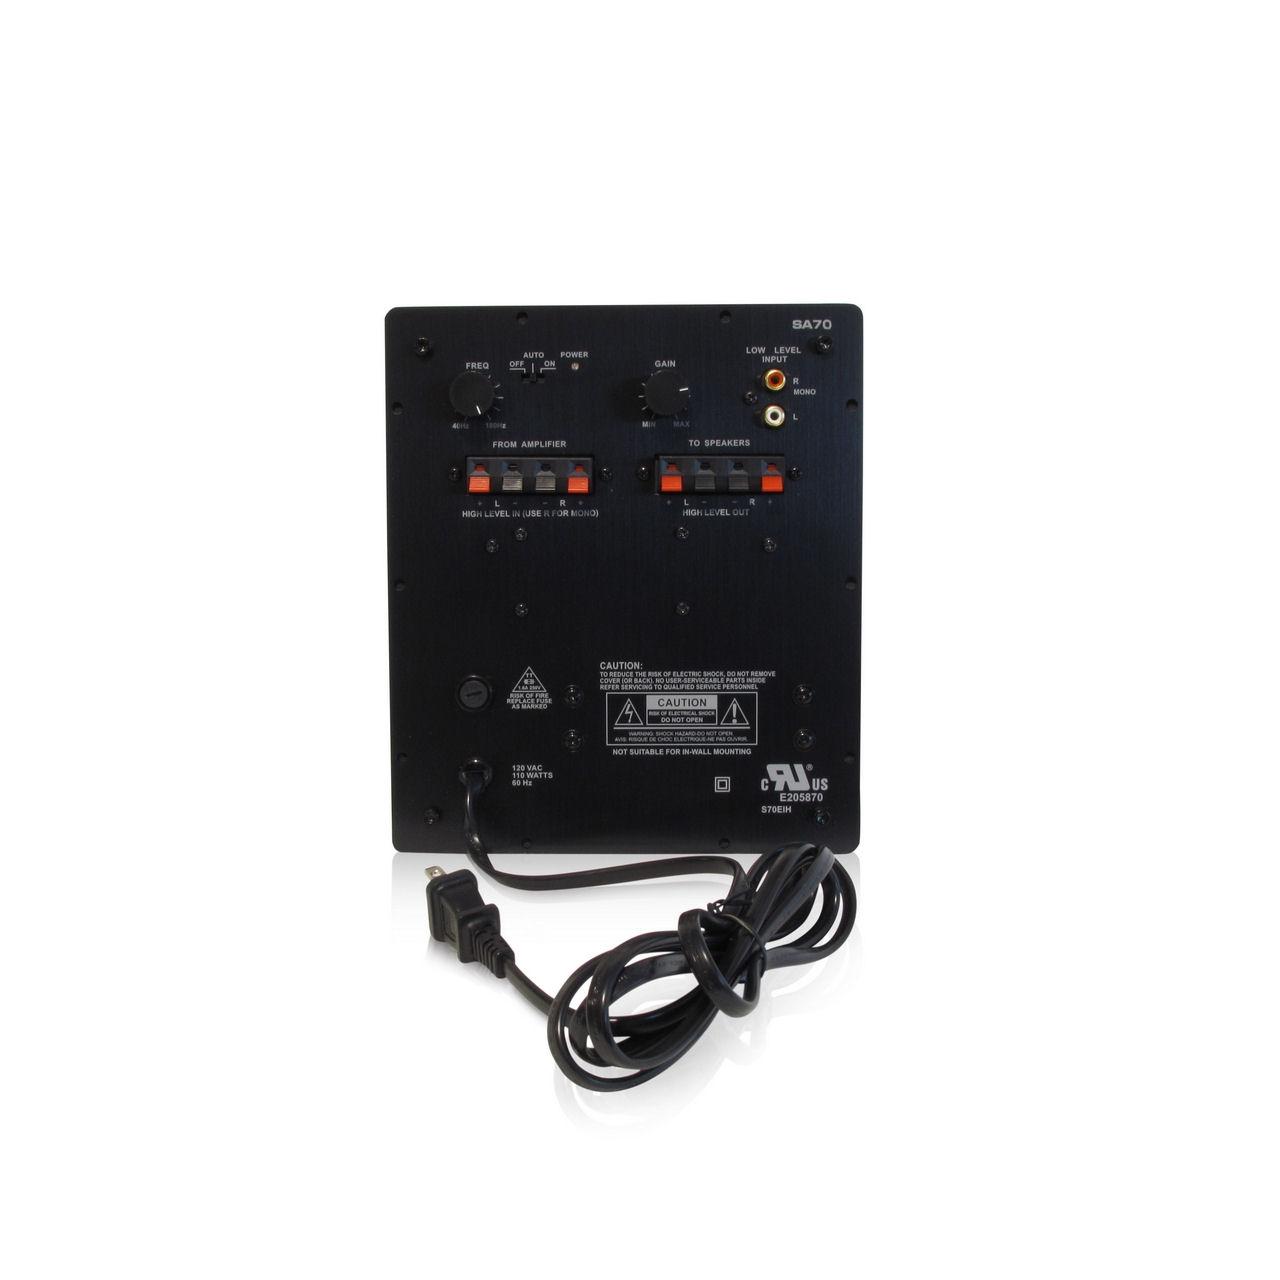 Dayton Audio Sa70 70w Subwoofer Plate Amplifier Smoke Tronics Laptop